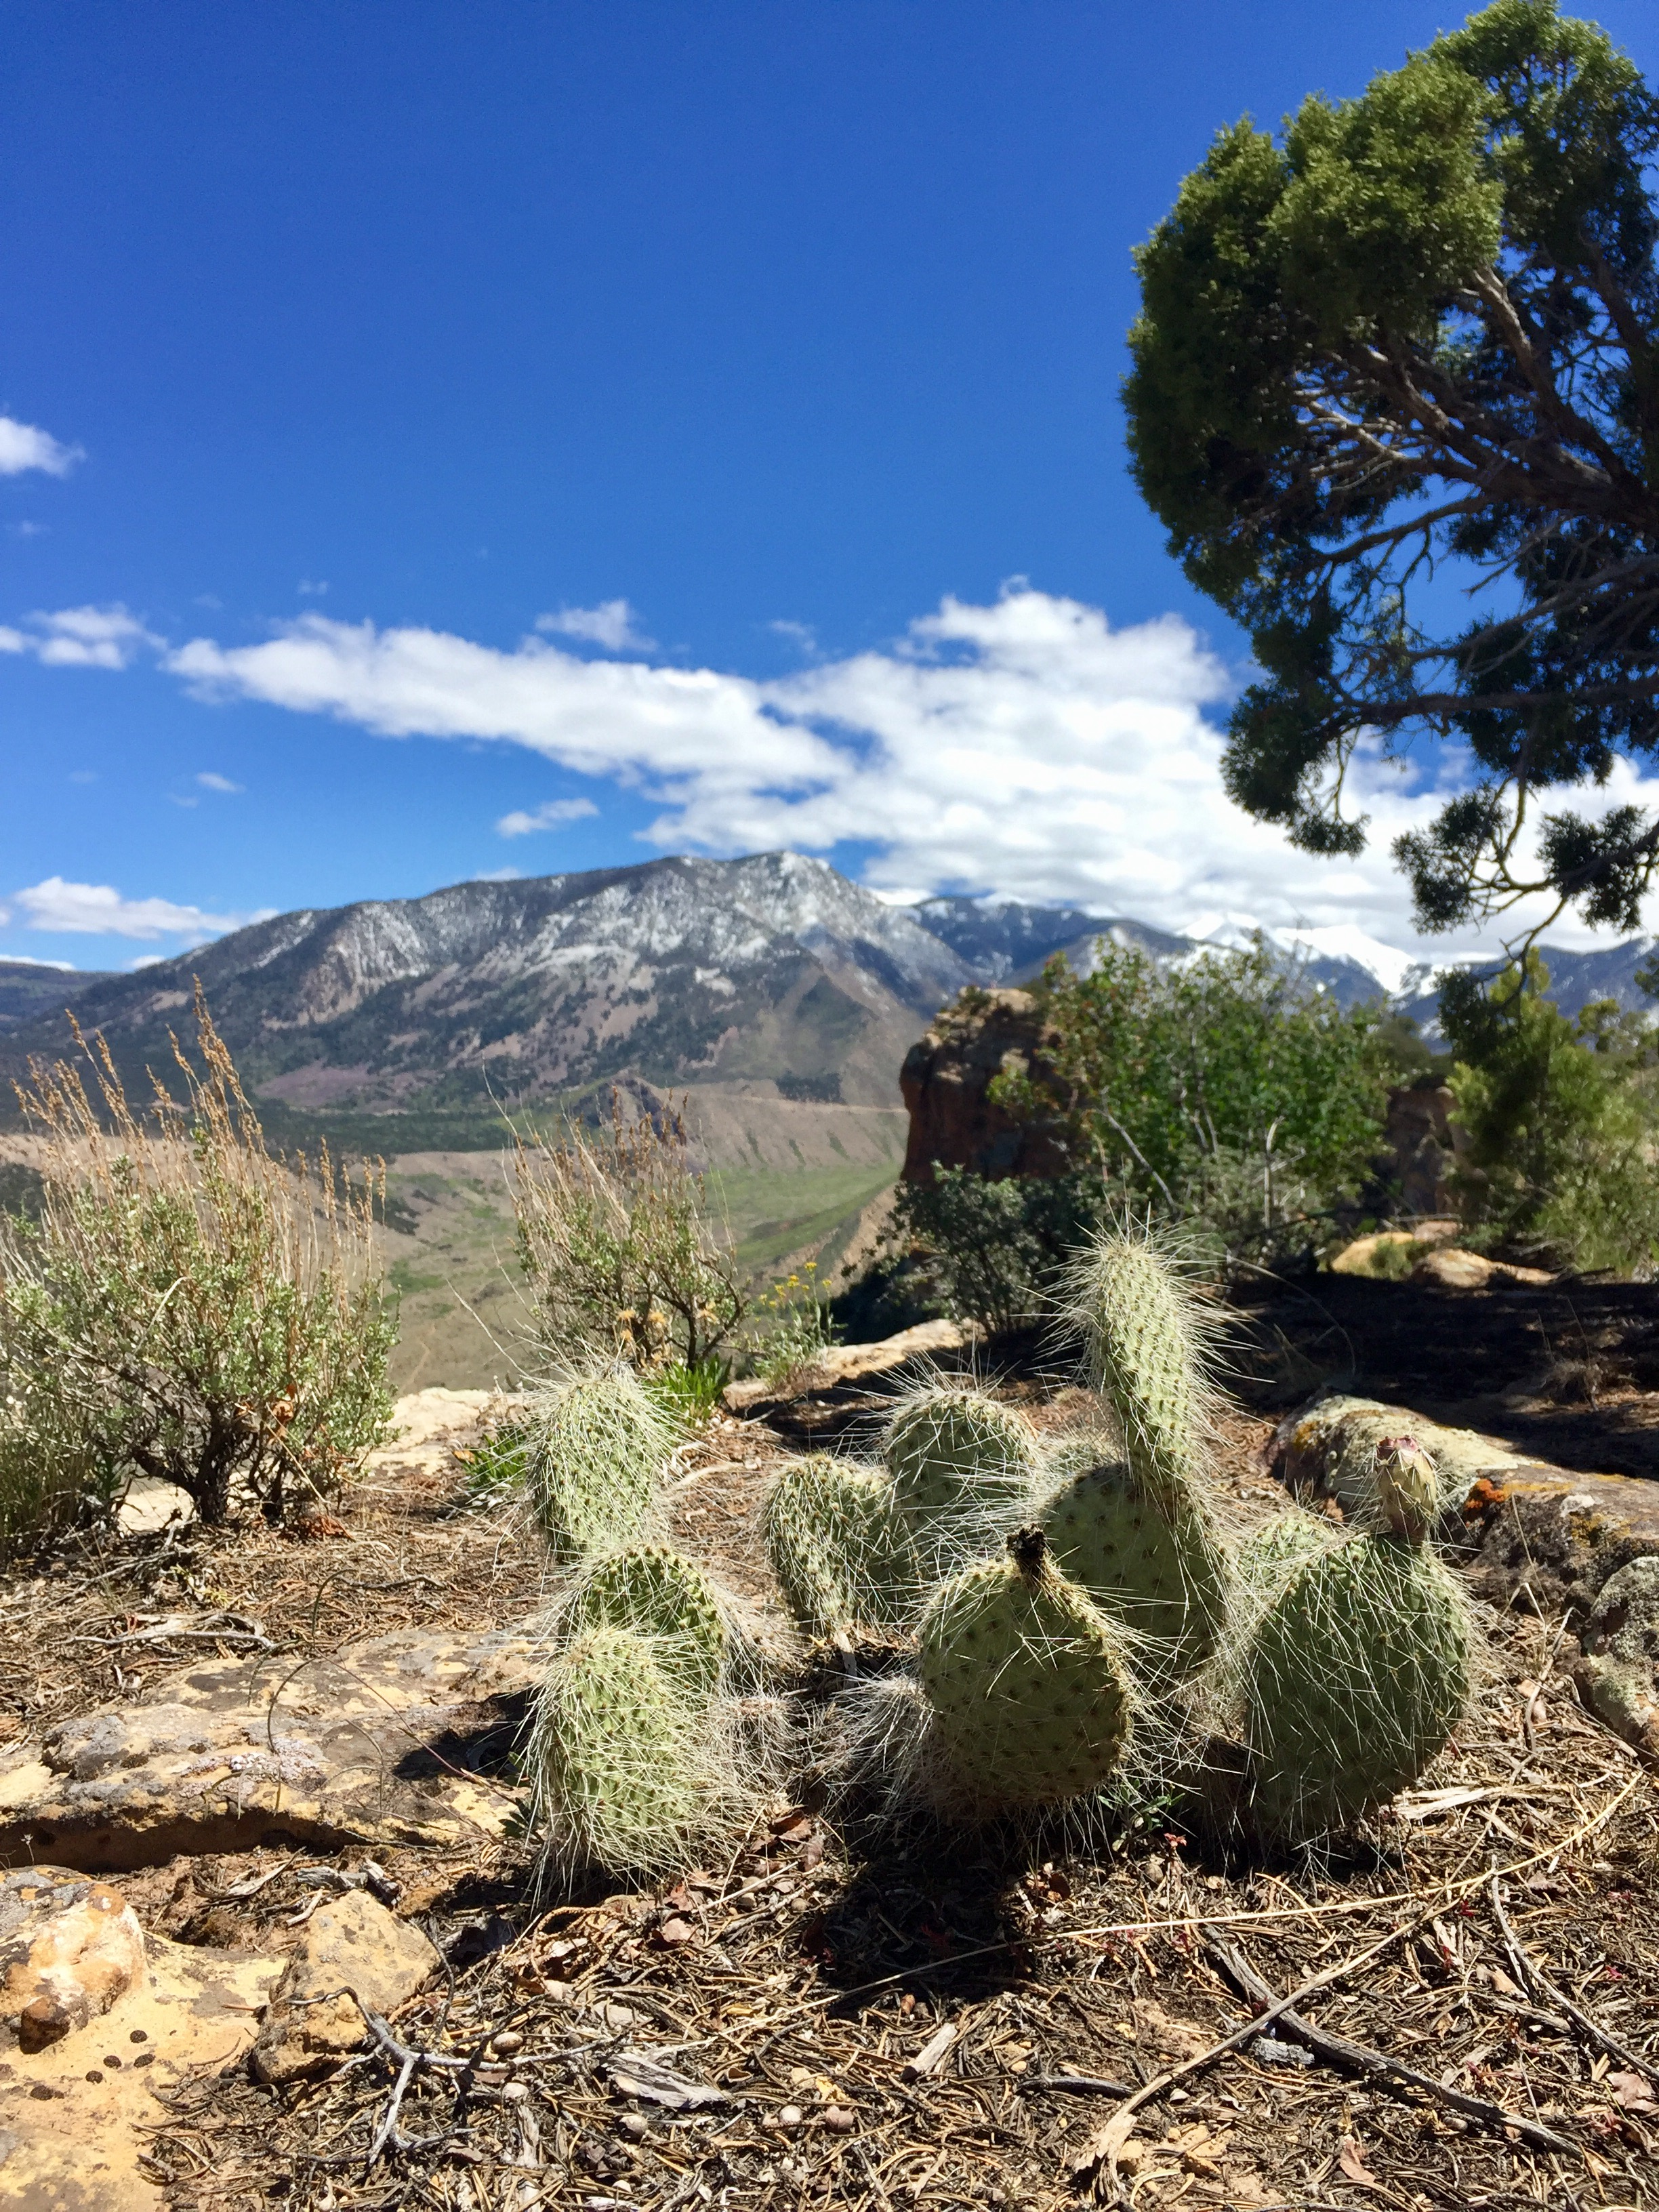 Moab_The_Whole_Enchilada_7.jpg